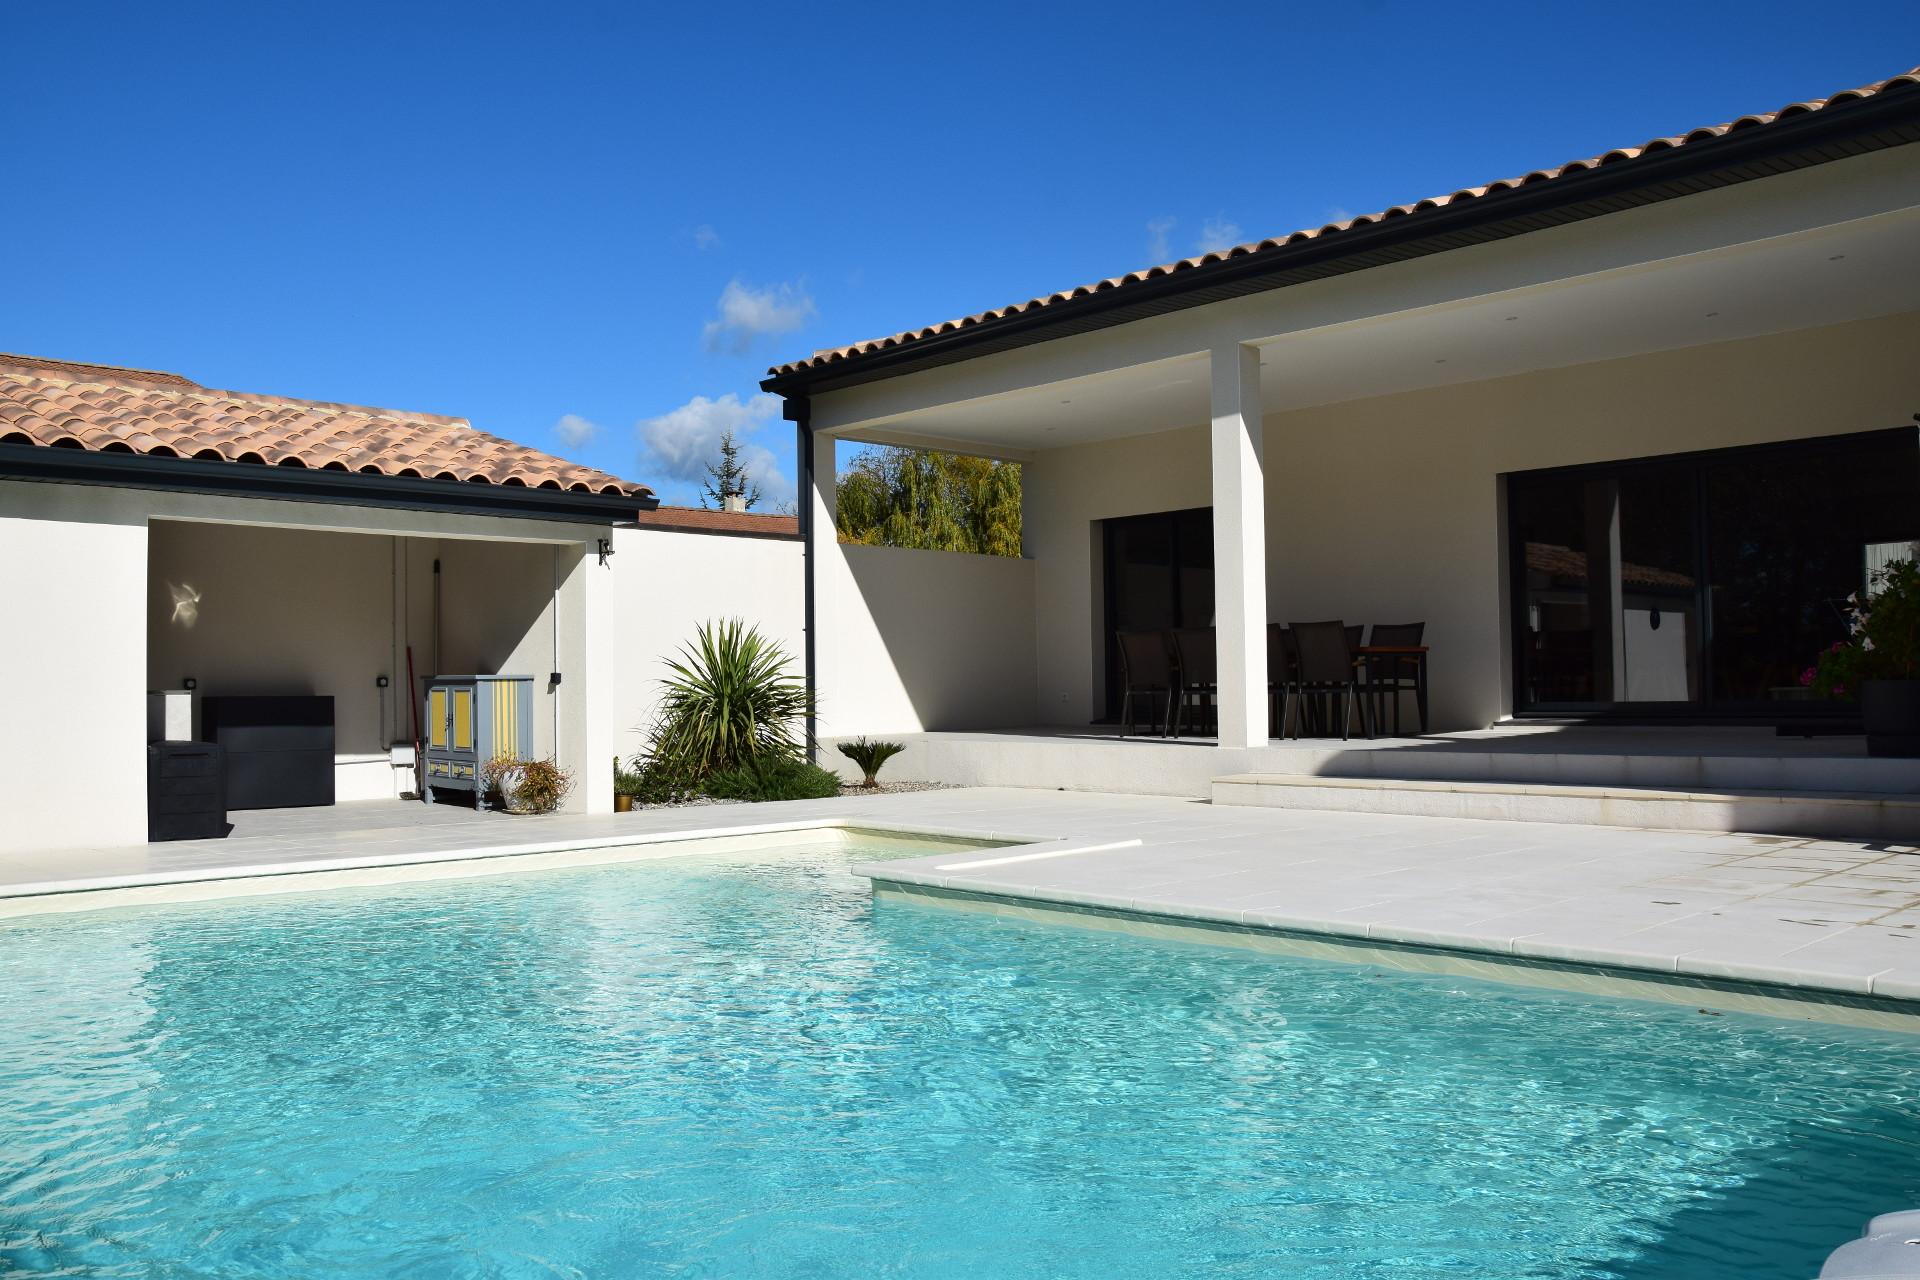 Chambre d'hôte avec piscine Isle sur la Sorgue Vaucluse